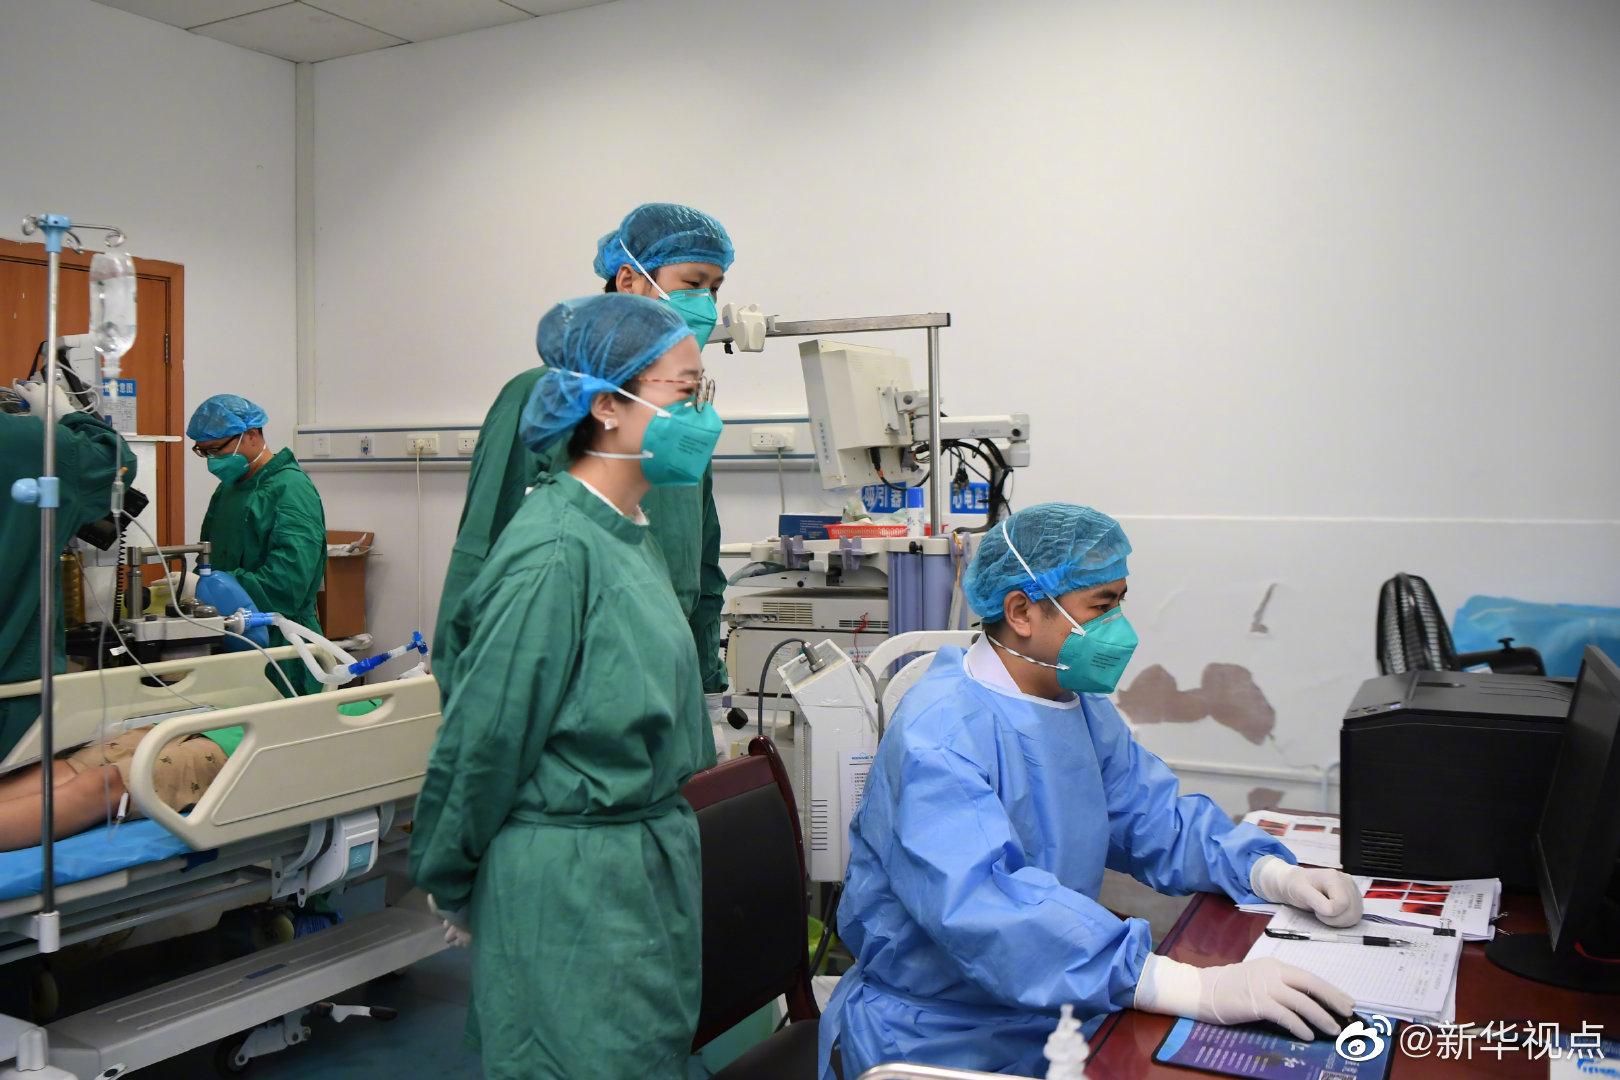 中国・武漢市、新型コロナウイルス肺炎で出境者を管理